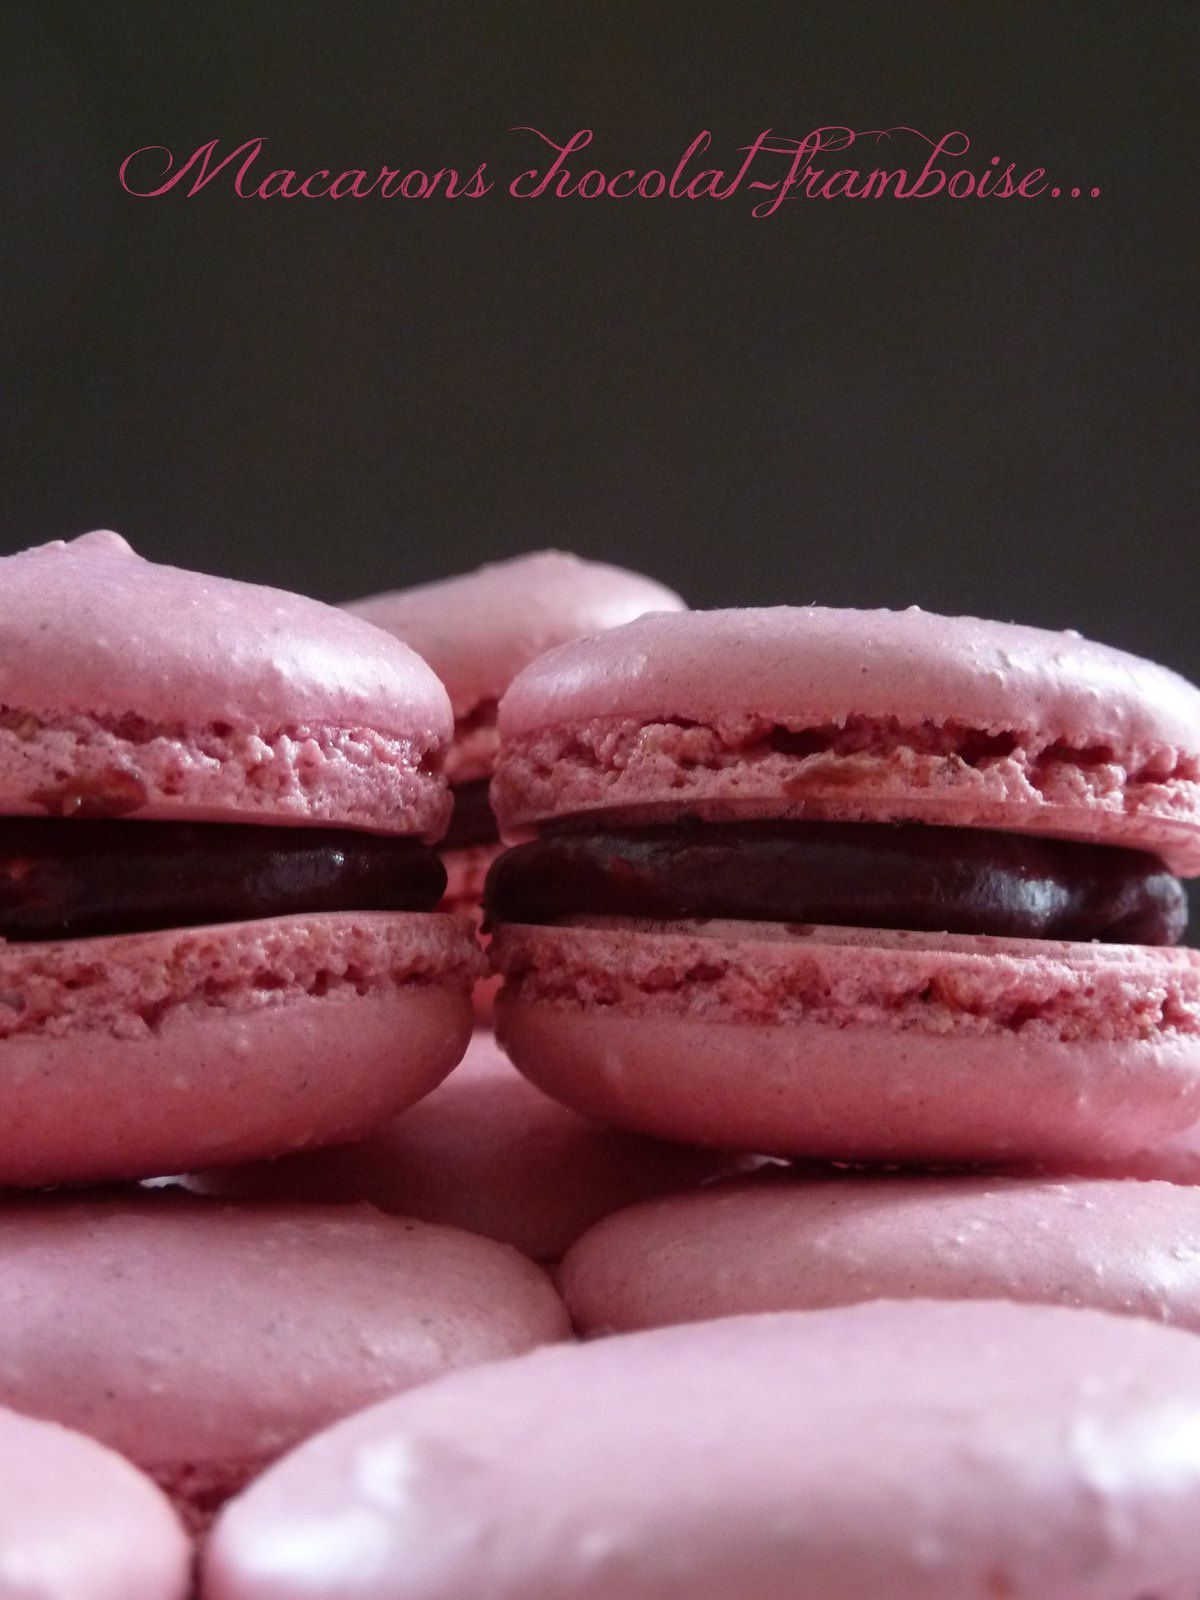 Macaron chocolat-framboise